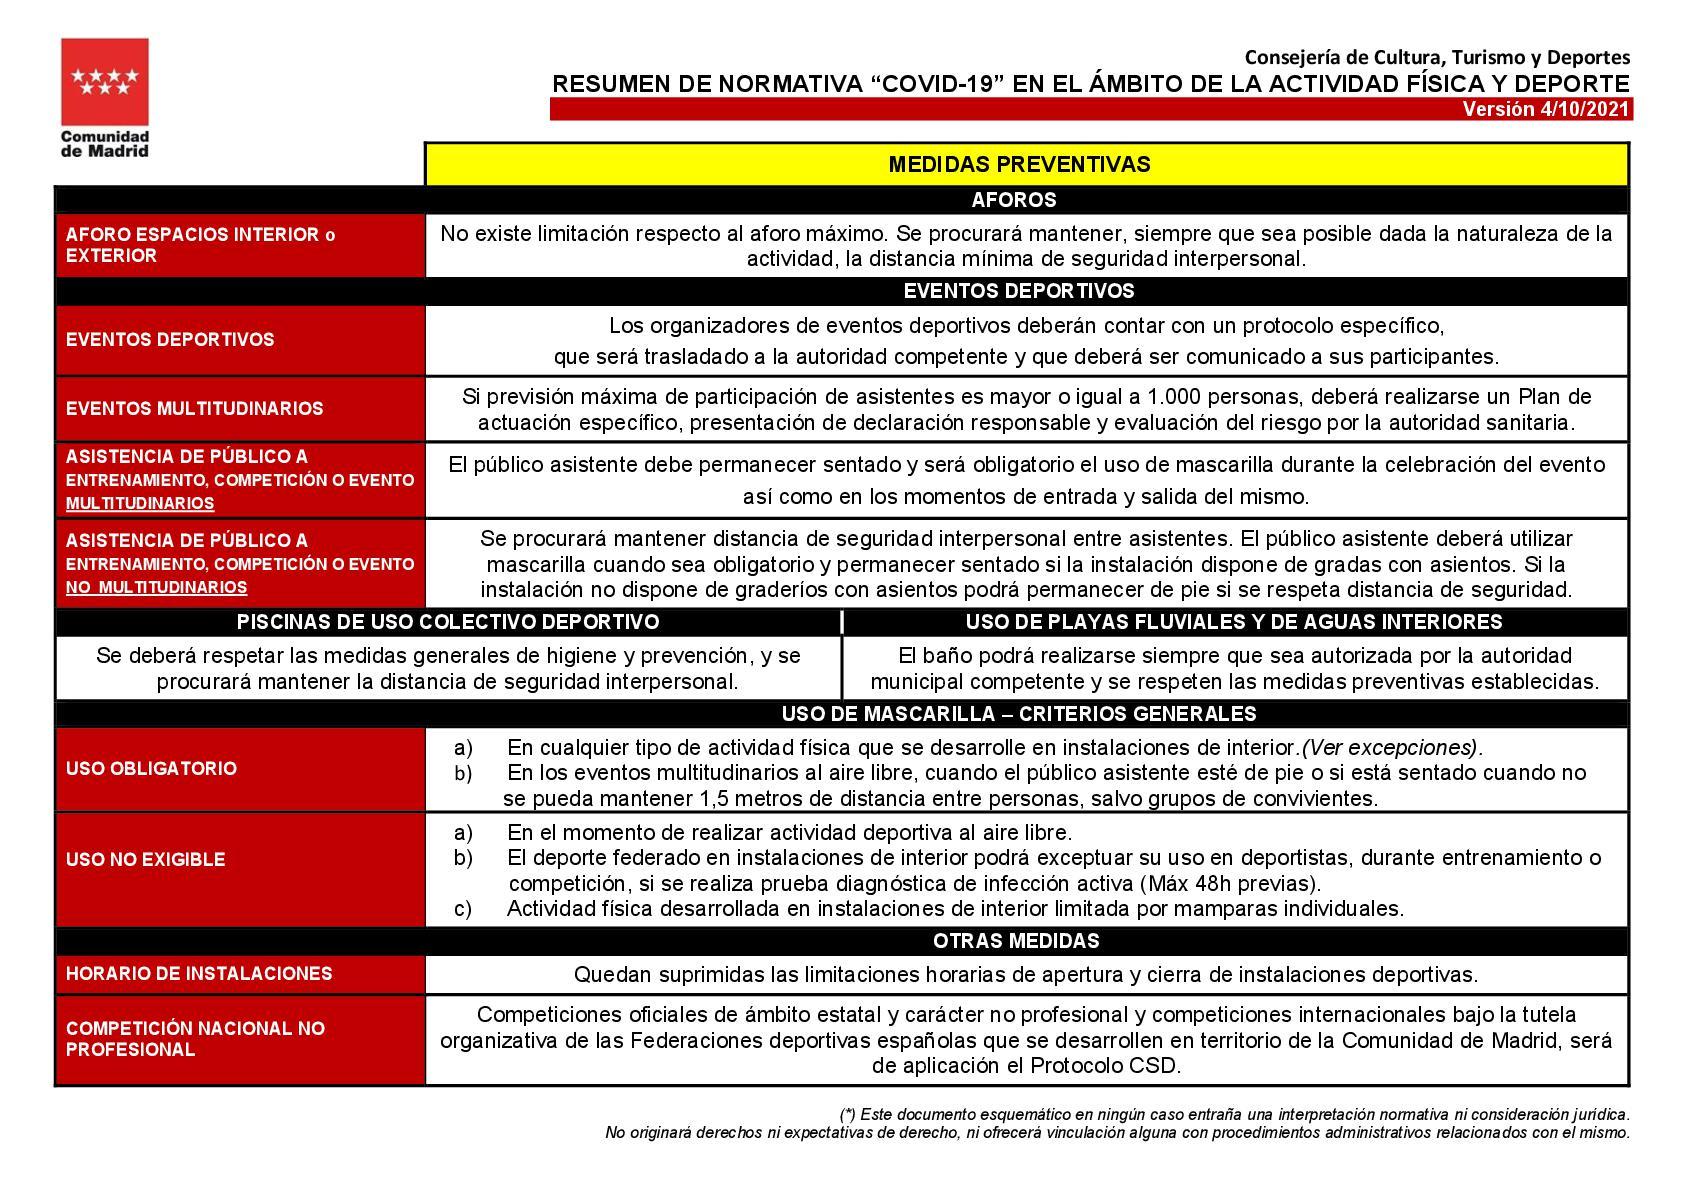 """RESUMEN """"NORMATIVA COVID 19"""" (ORDEN 1244/2021 DE 1 DE OCTUBRE DE LA CONSEJERÍA DE SANIDAD DE LA CM)"""